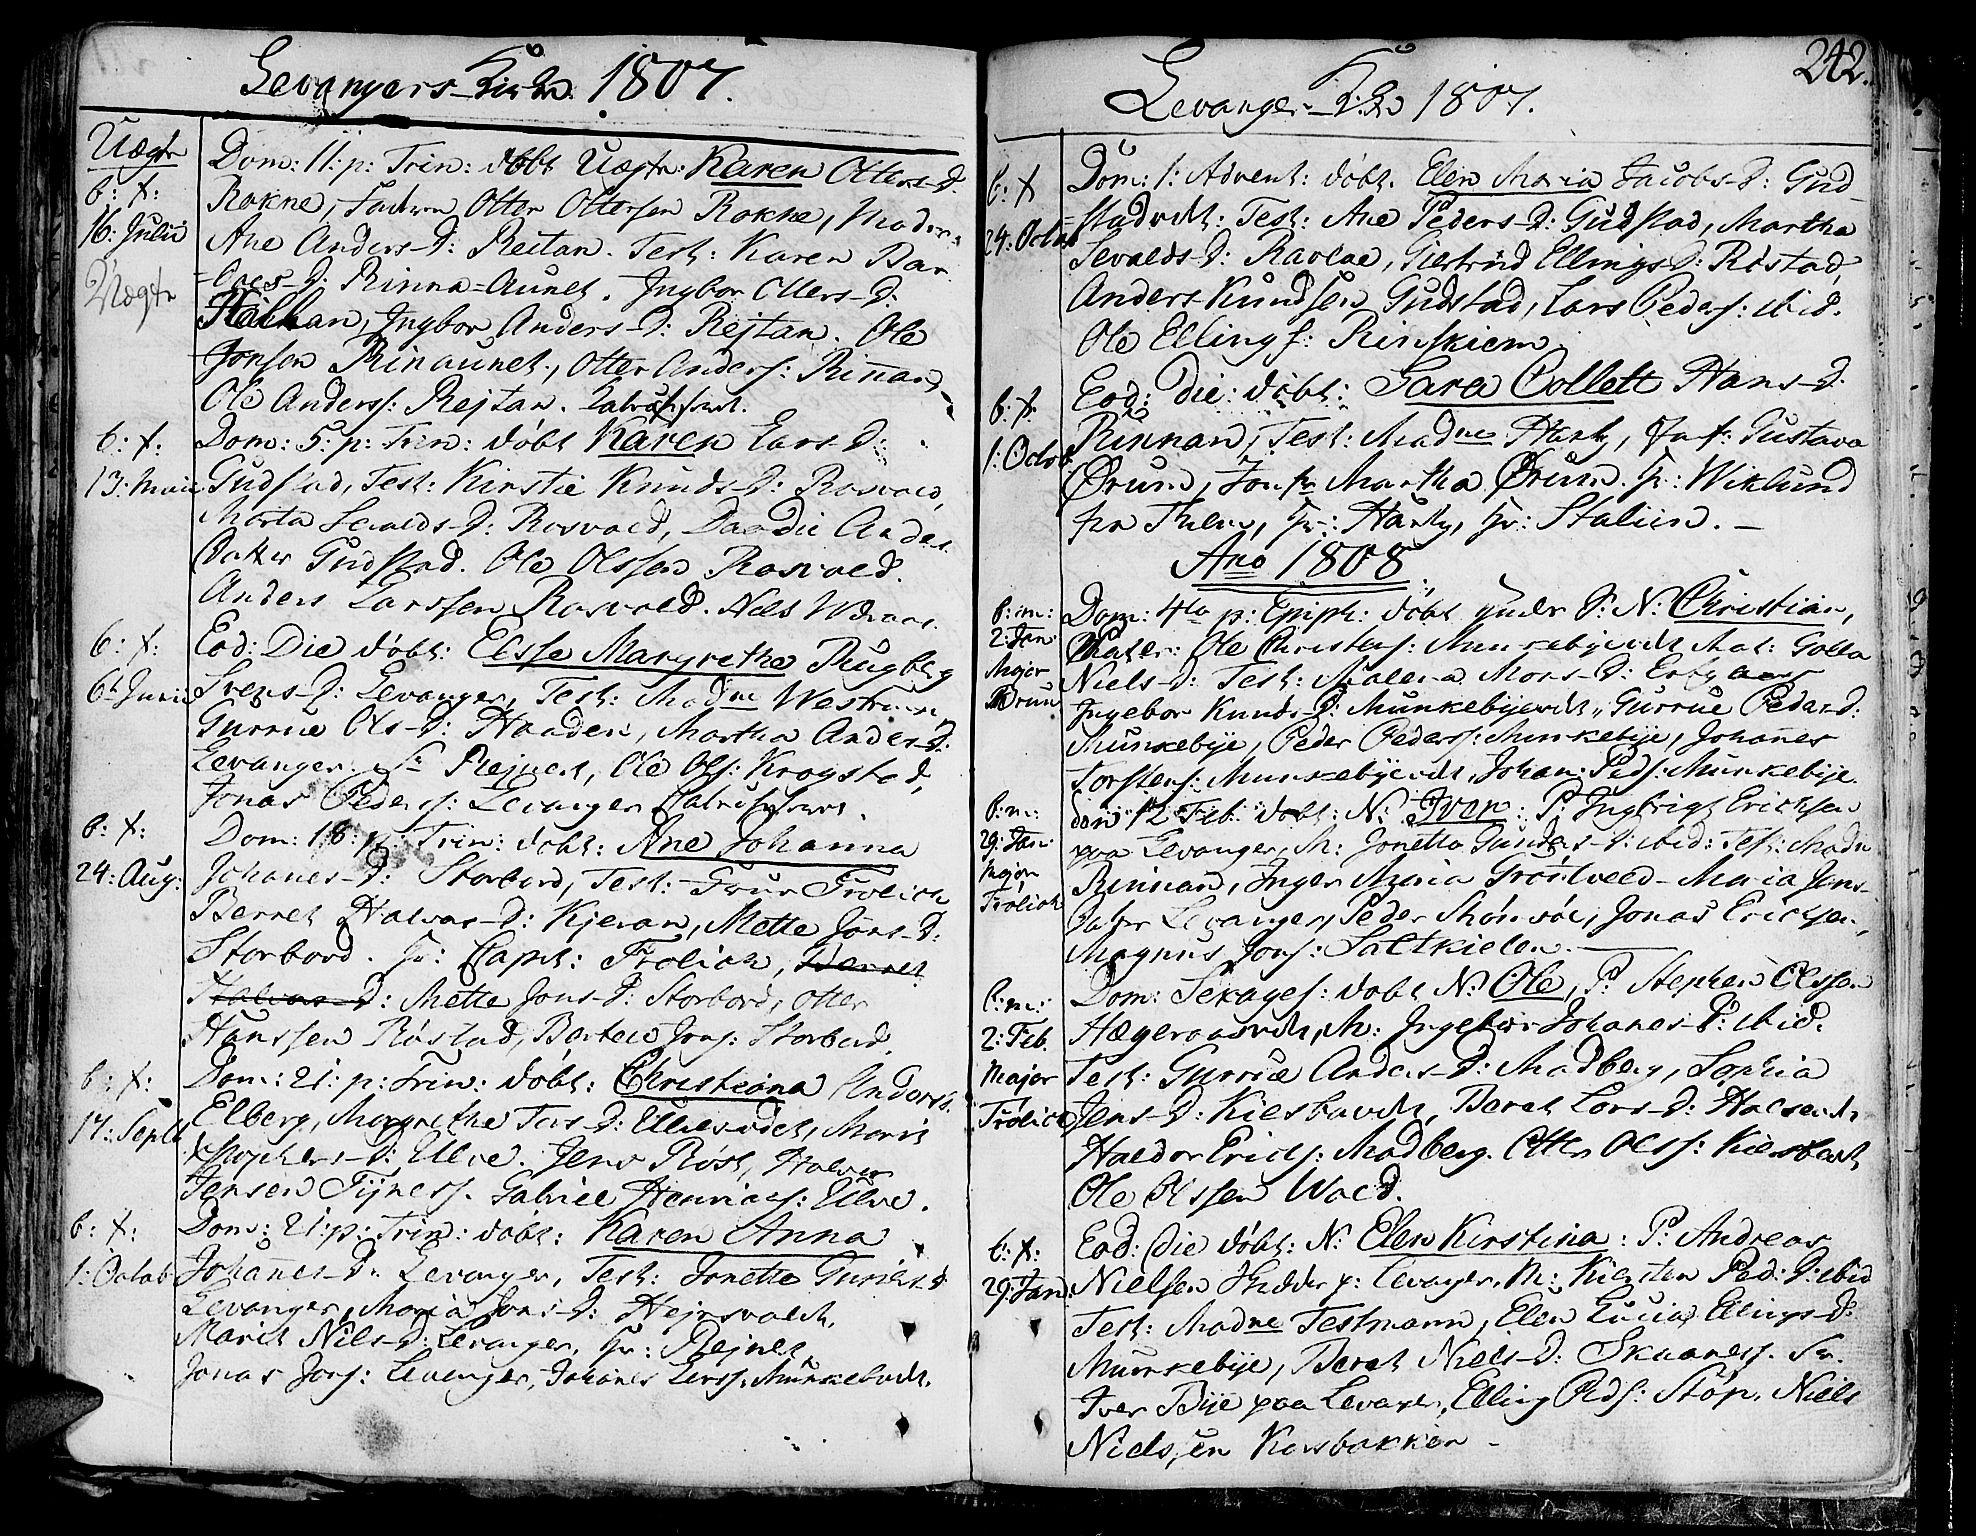 SAT, Ministerialprotokoller, klokkerbøker og fødselsregistre - Nord-Trøndelag, 717/L0144: Ministerialbok nr. 717A02 /3, 1805-1809, s. 242